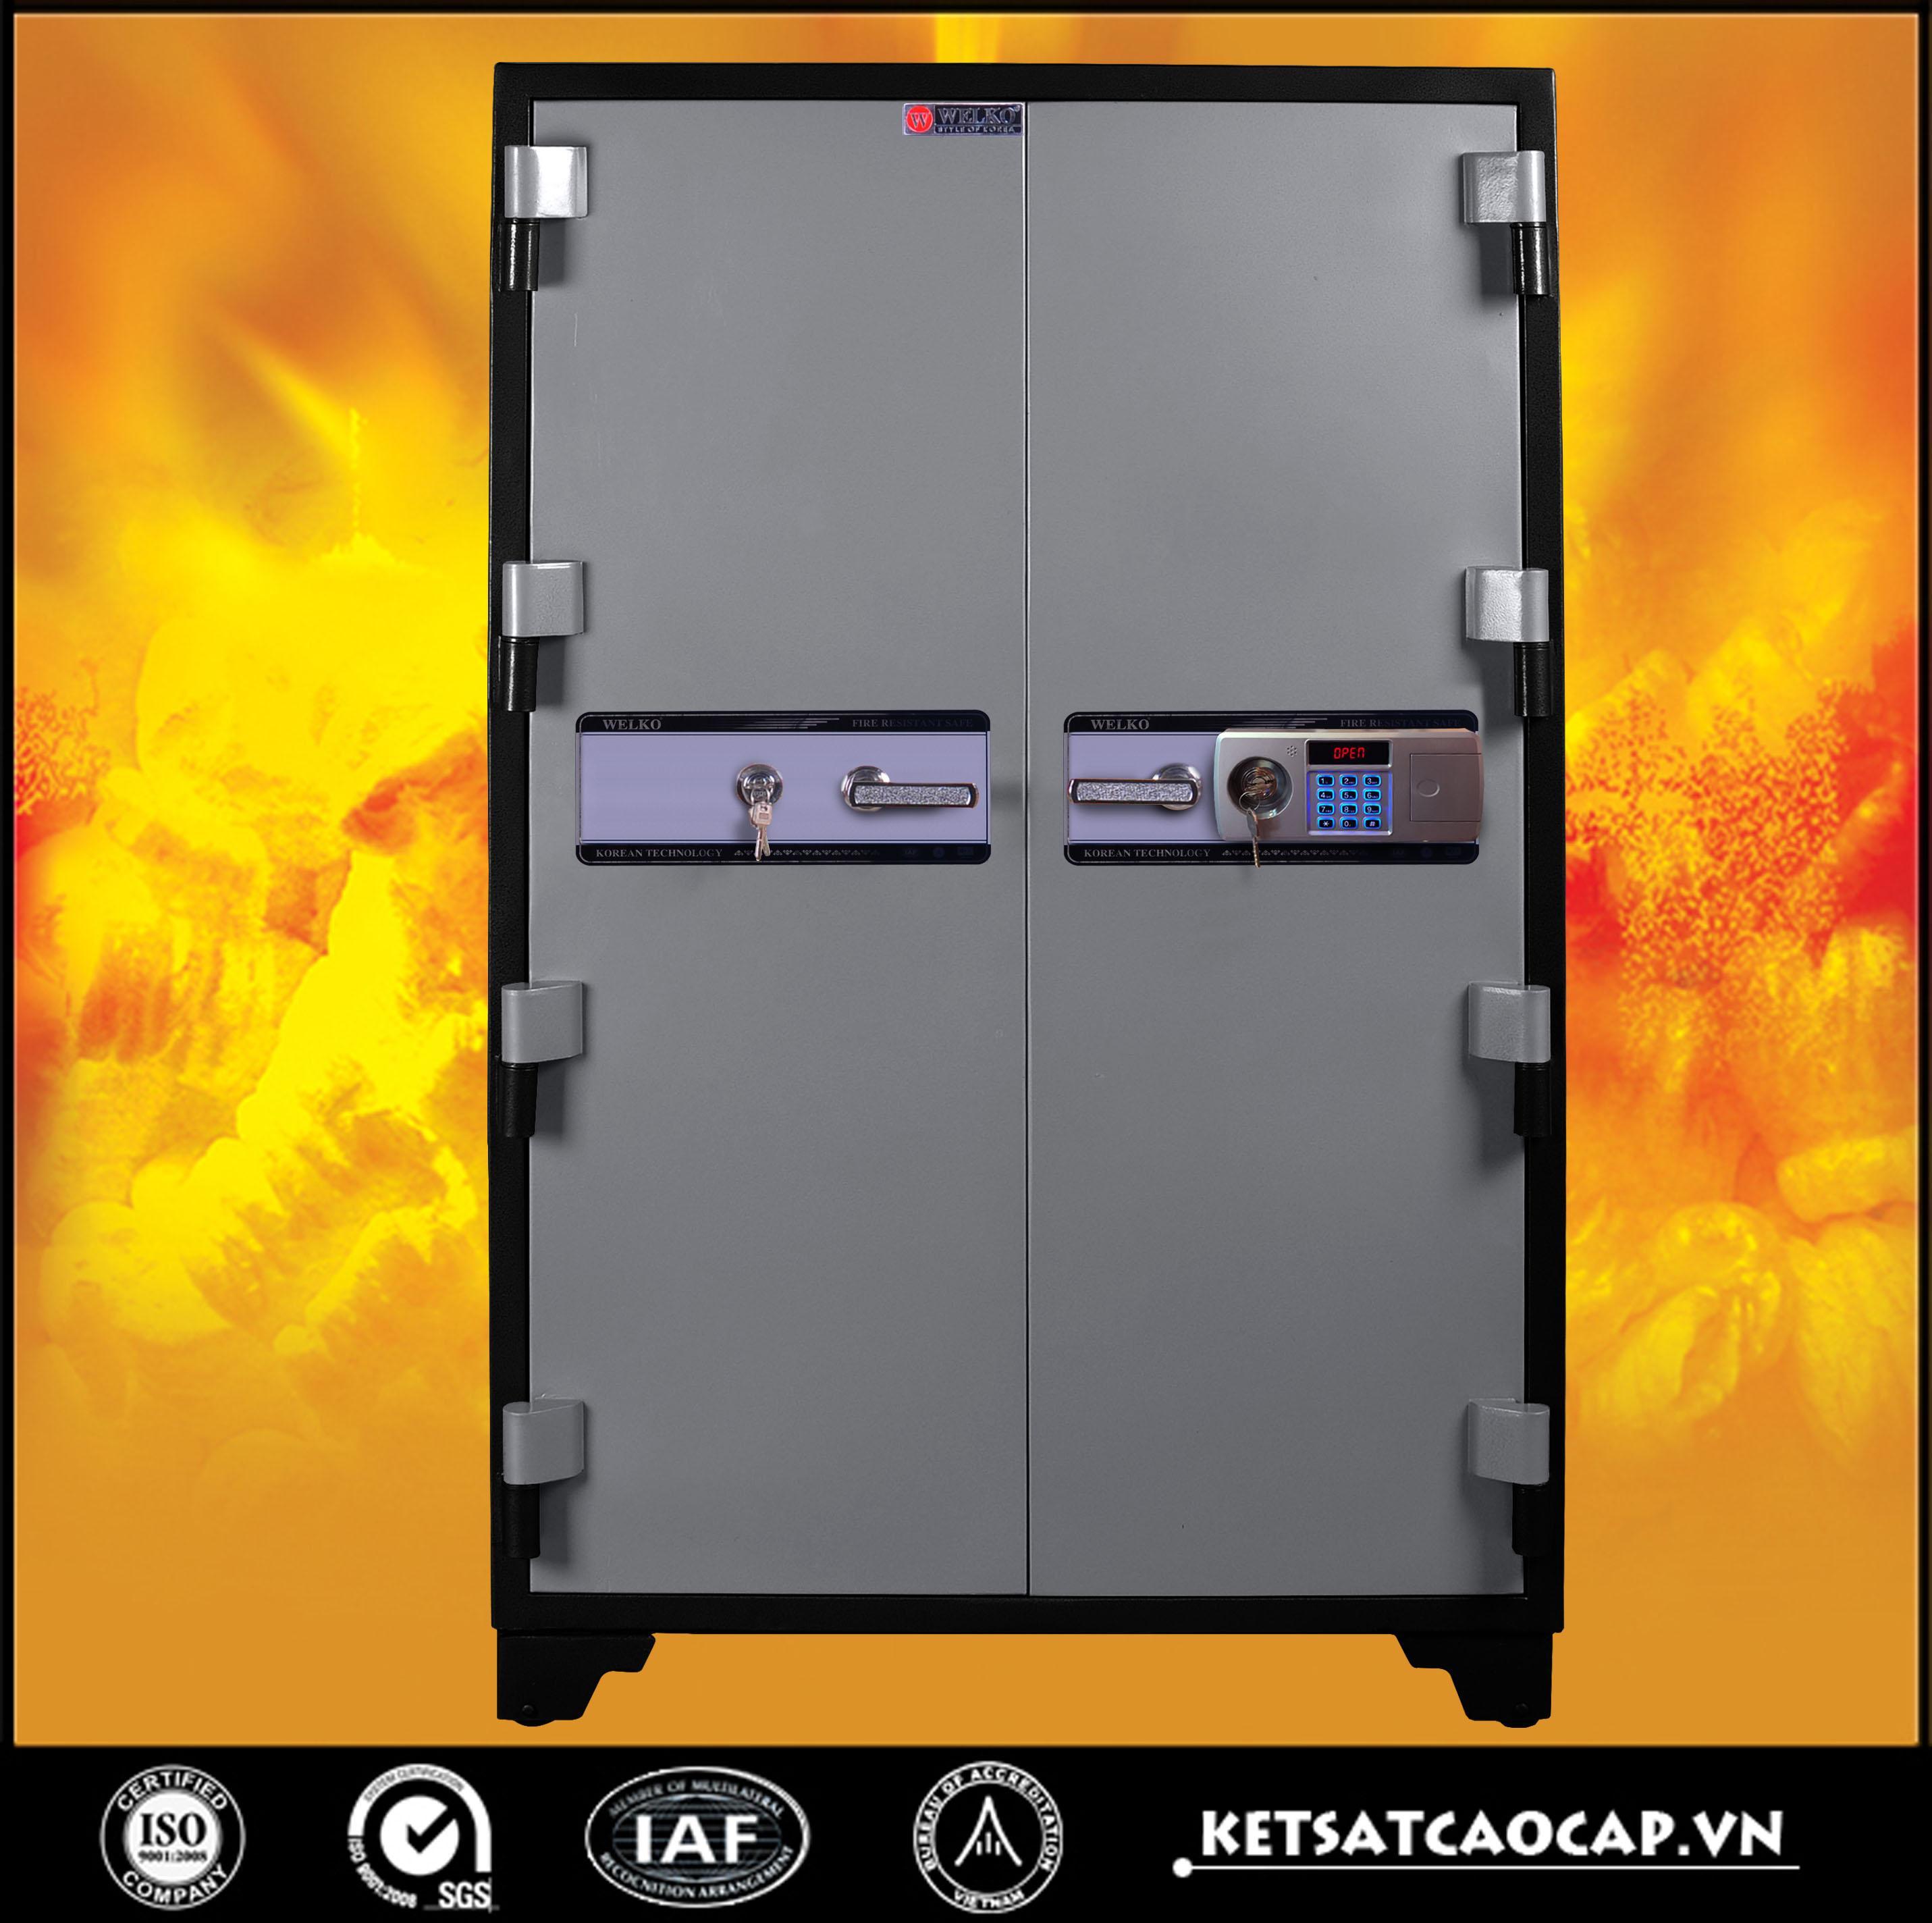 Két Bạc chống cháy BM1650 điện tử